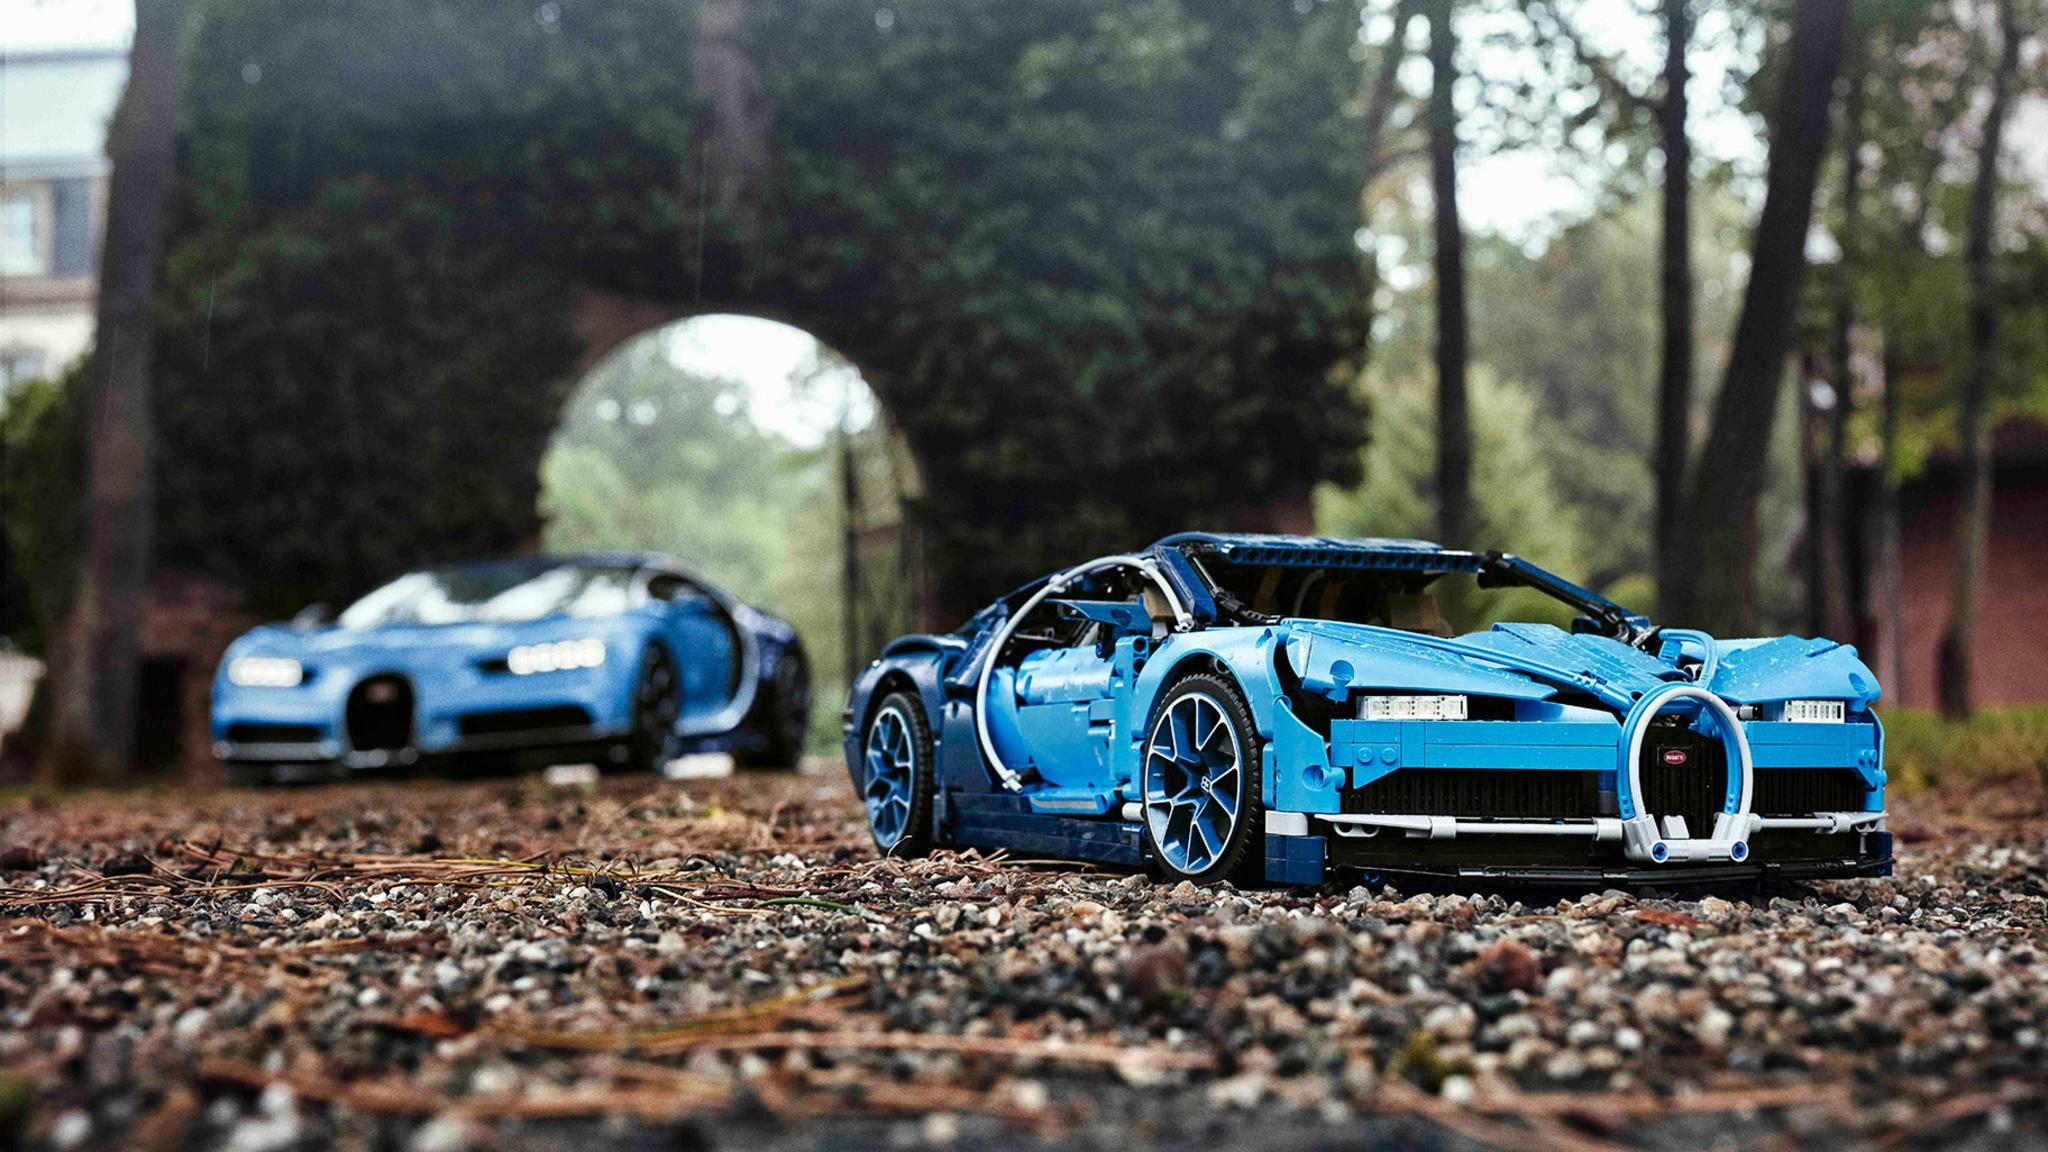 Unglaublich Detailverliebt: Der Bugatti Chiron besteht aus 3599 Lego-Steinen.